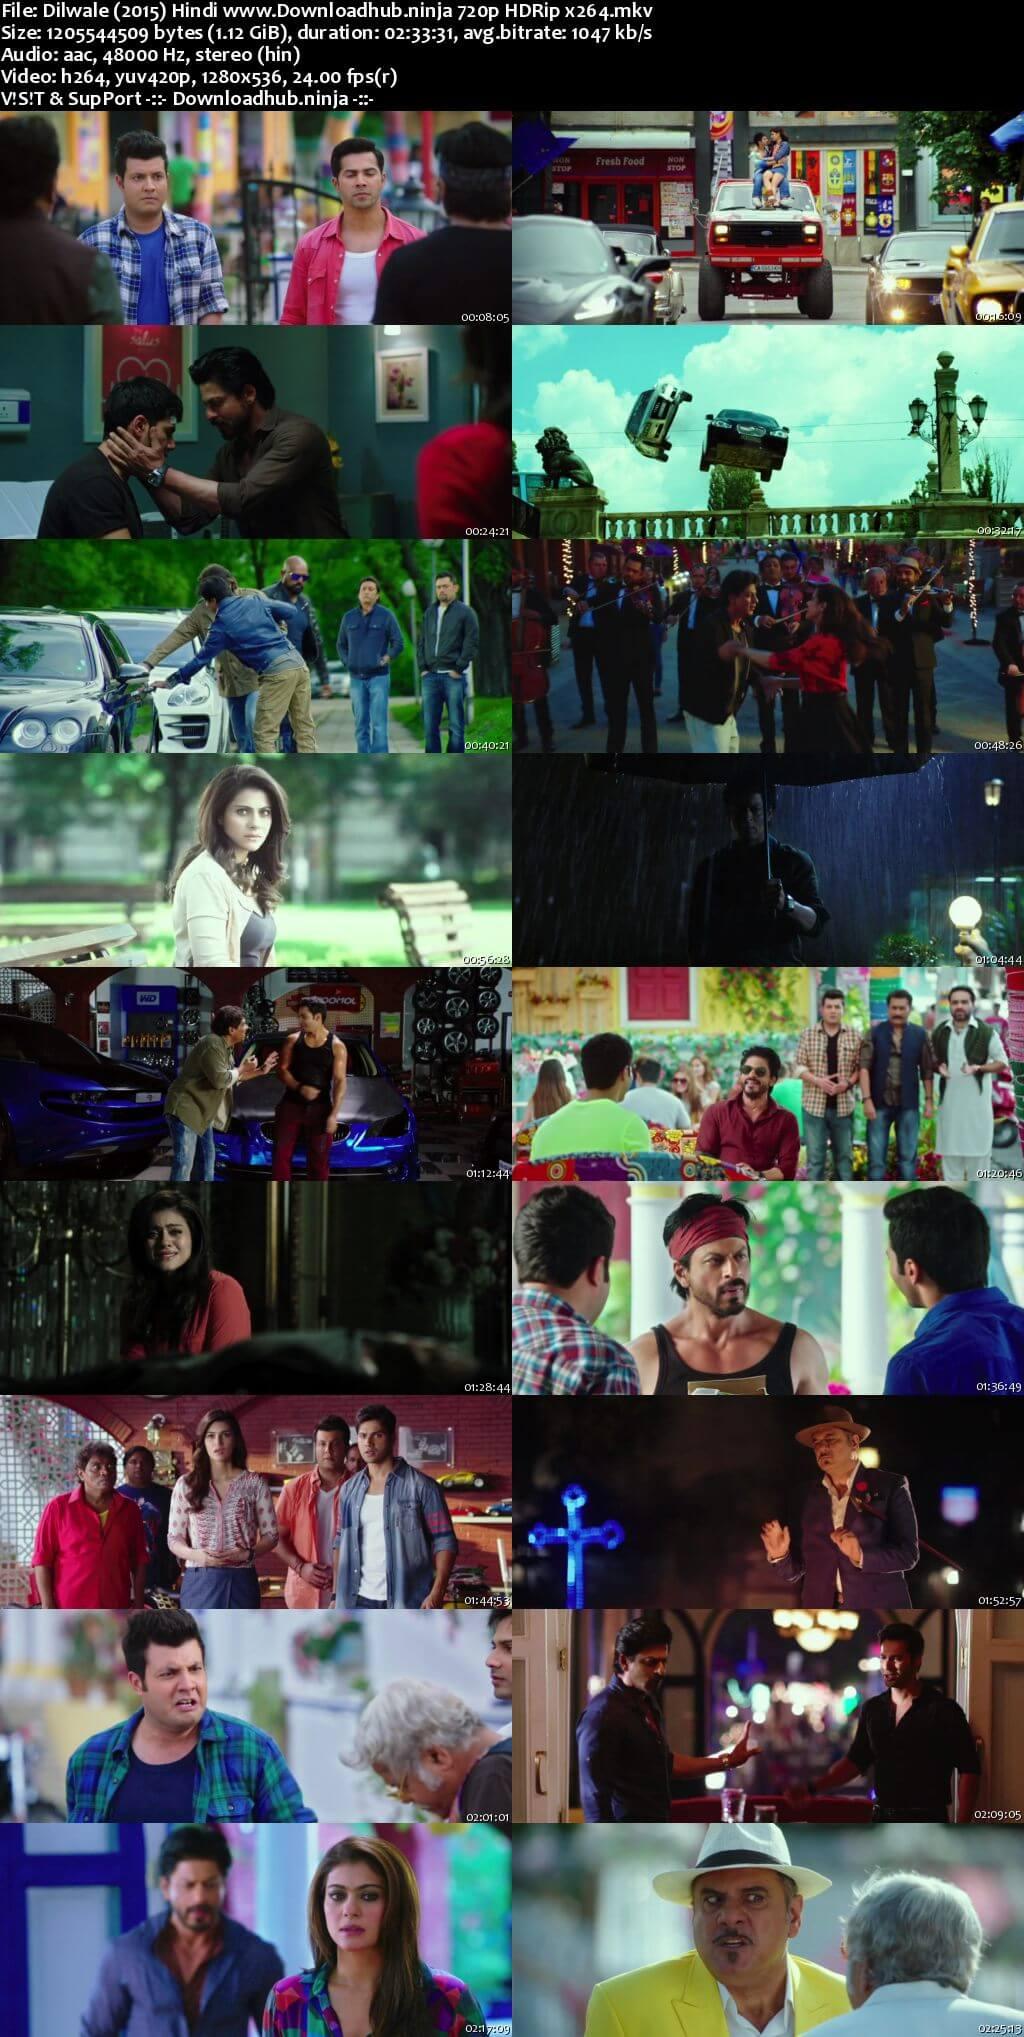 Dilwale 2015 Hindi 720p HDRip x264